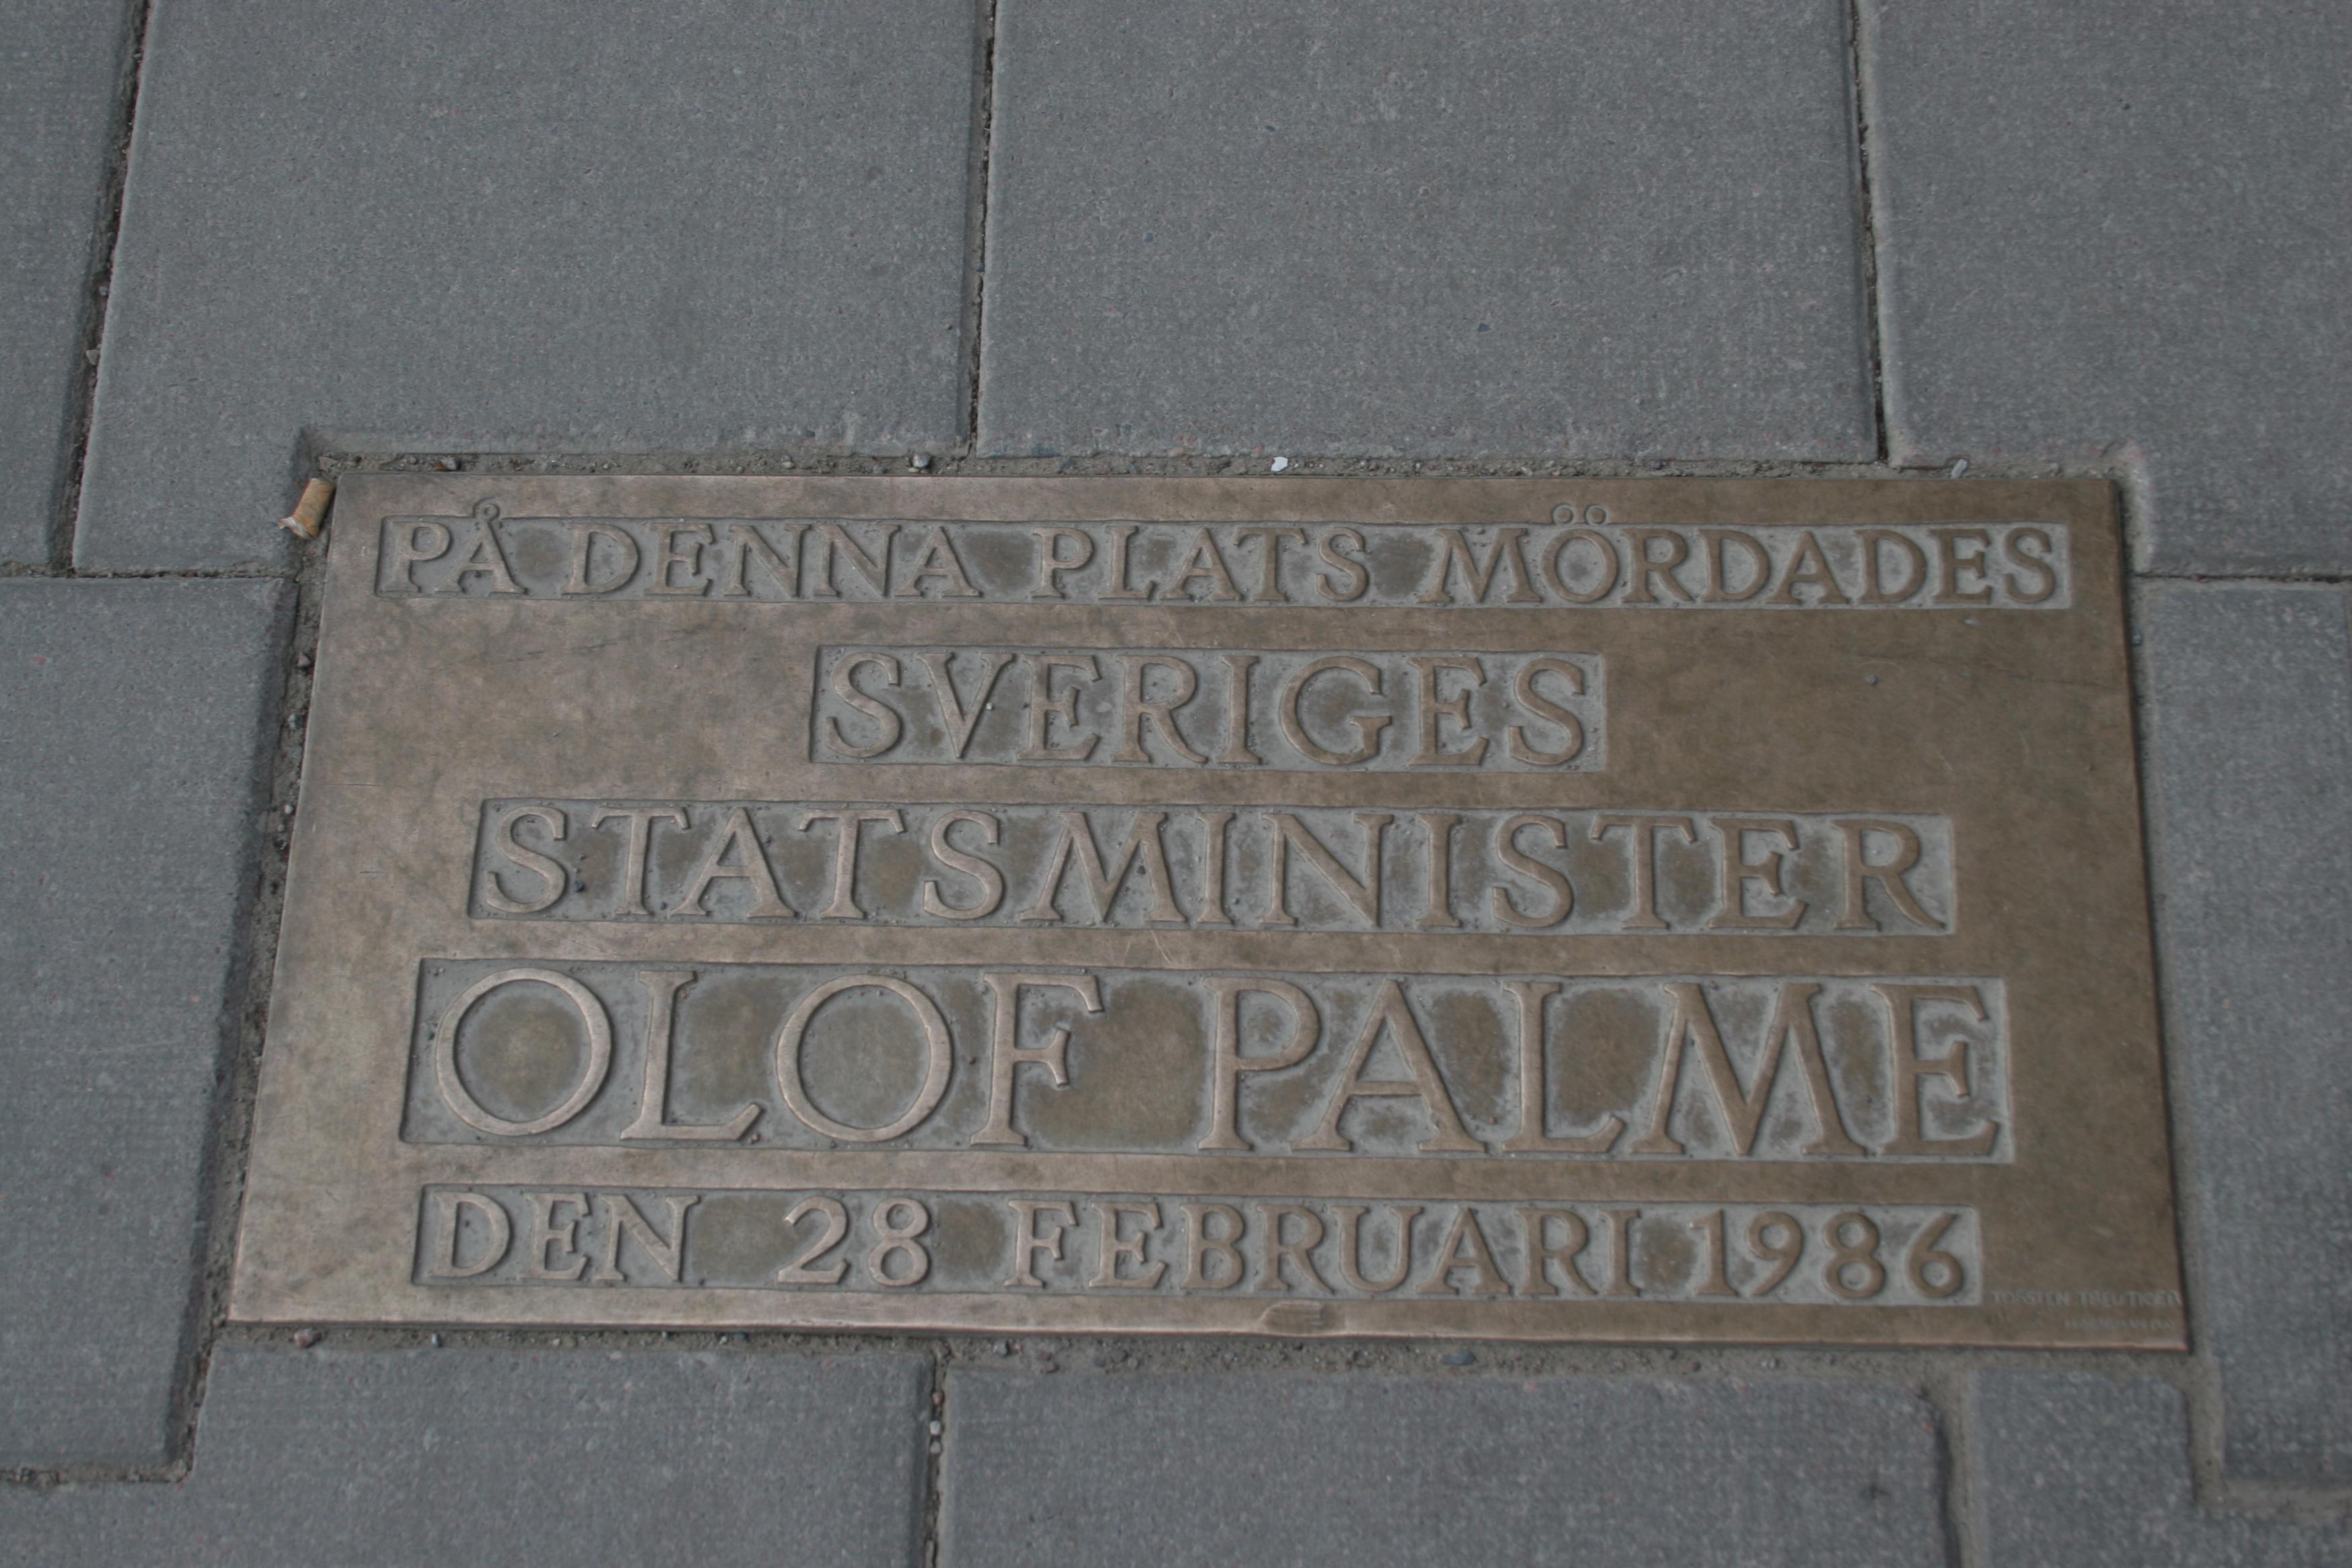 Den text som märker ut platsen där statsministern och partiledaren Olof Palme mördades. Göran Greider tycks anse att mordet fick socialdemokratin att tappa styrfart och resignera inför marknadsliberalismen.